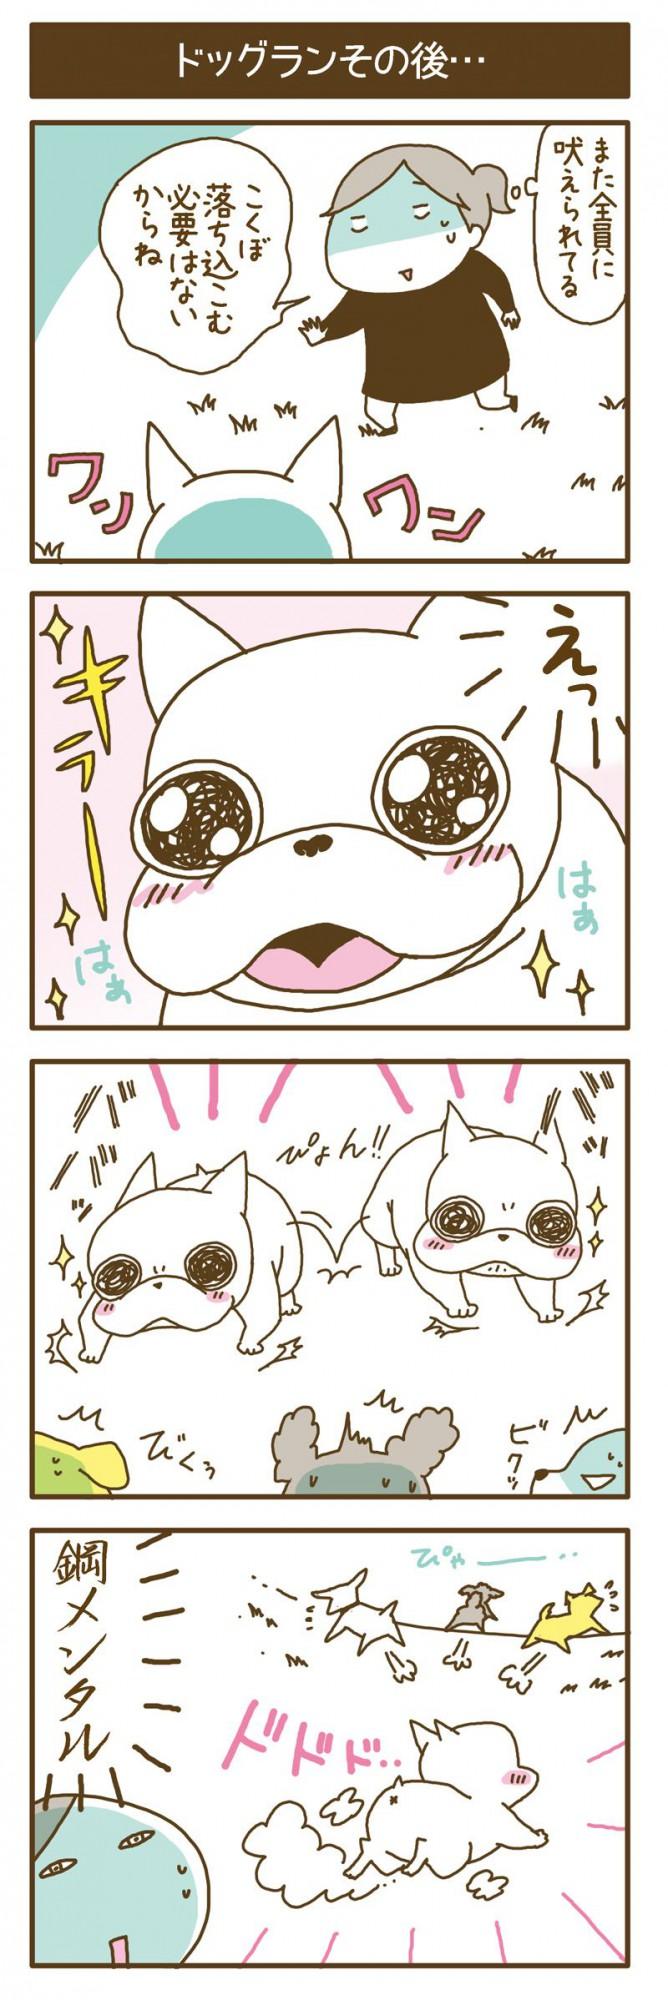 フレブルこくぼとゆかいな下僕たち【第47話】